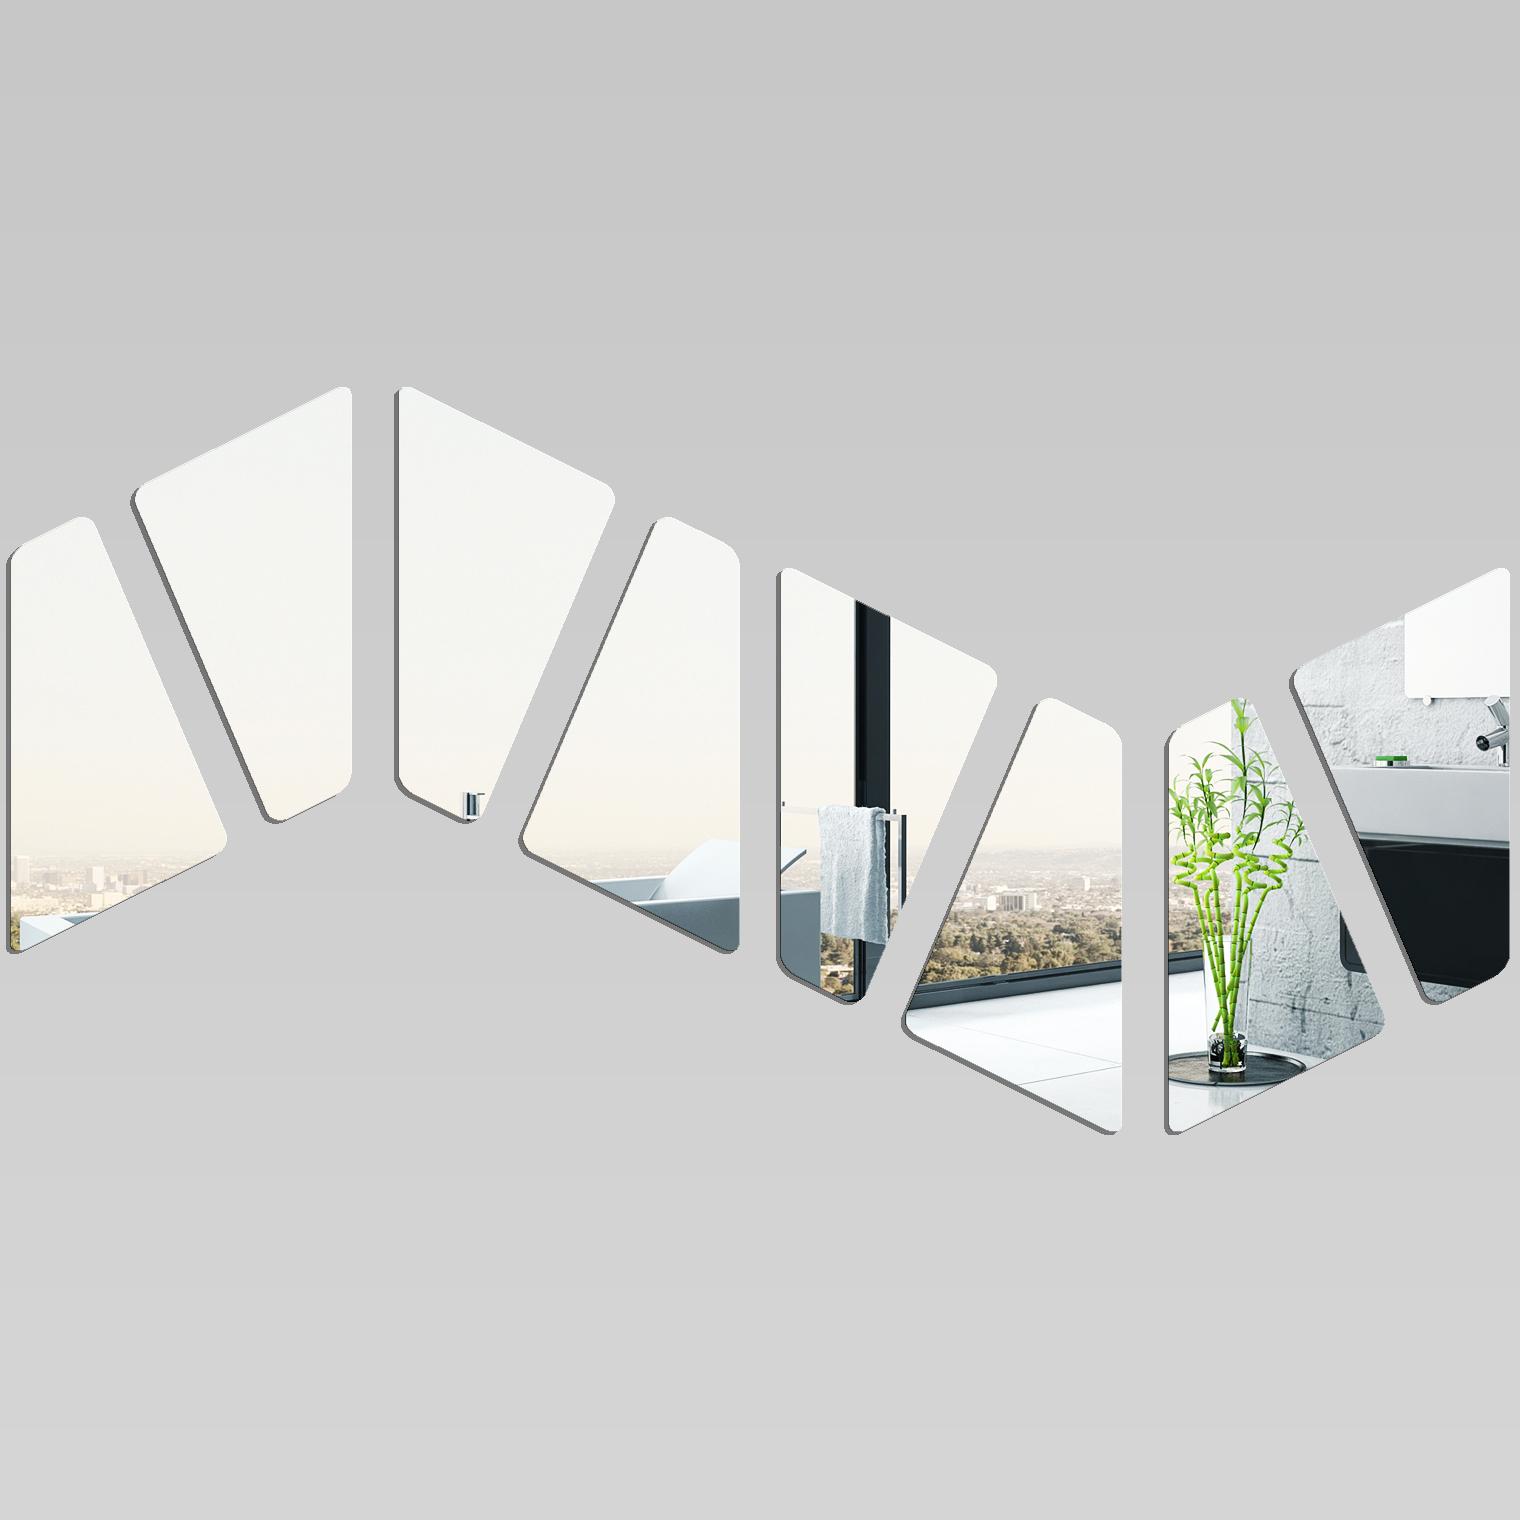 Adesivi follia specchio acrilico plexiglass onda - Specchio plexiglass prezzi ...